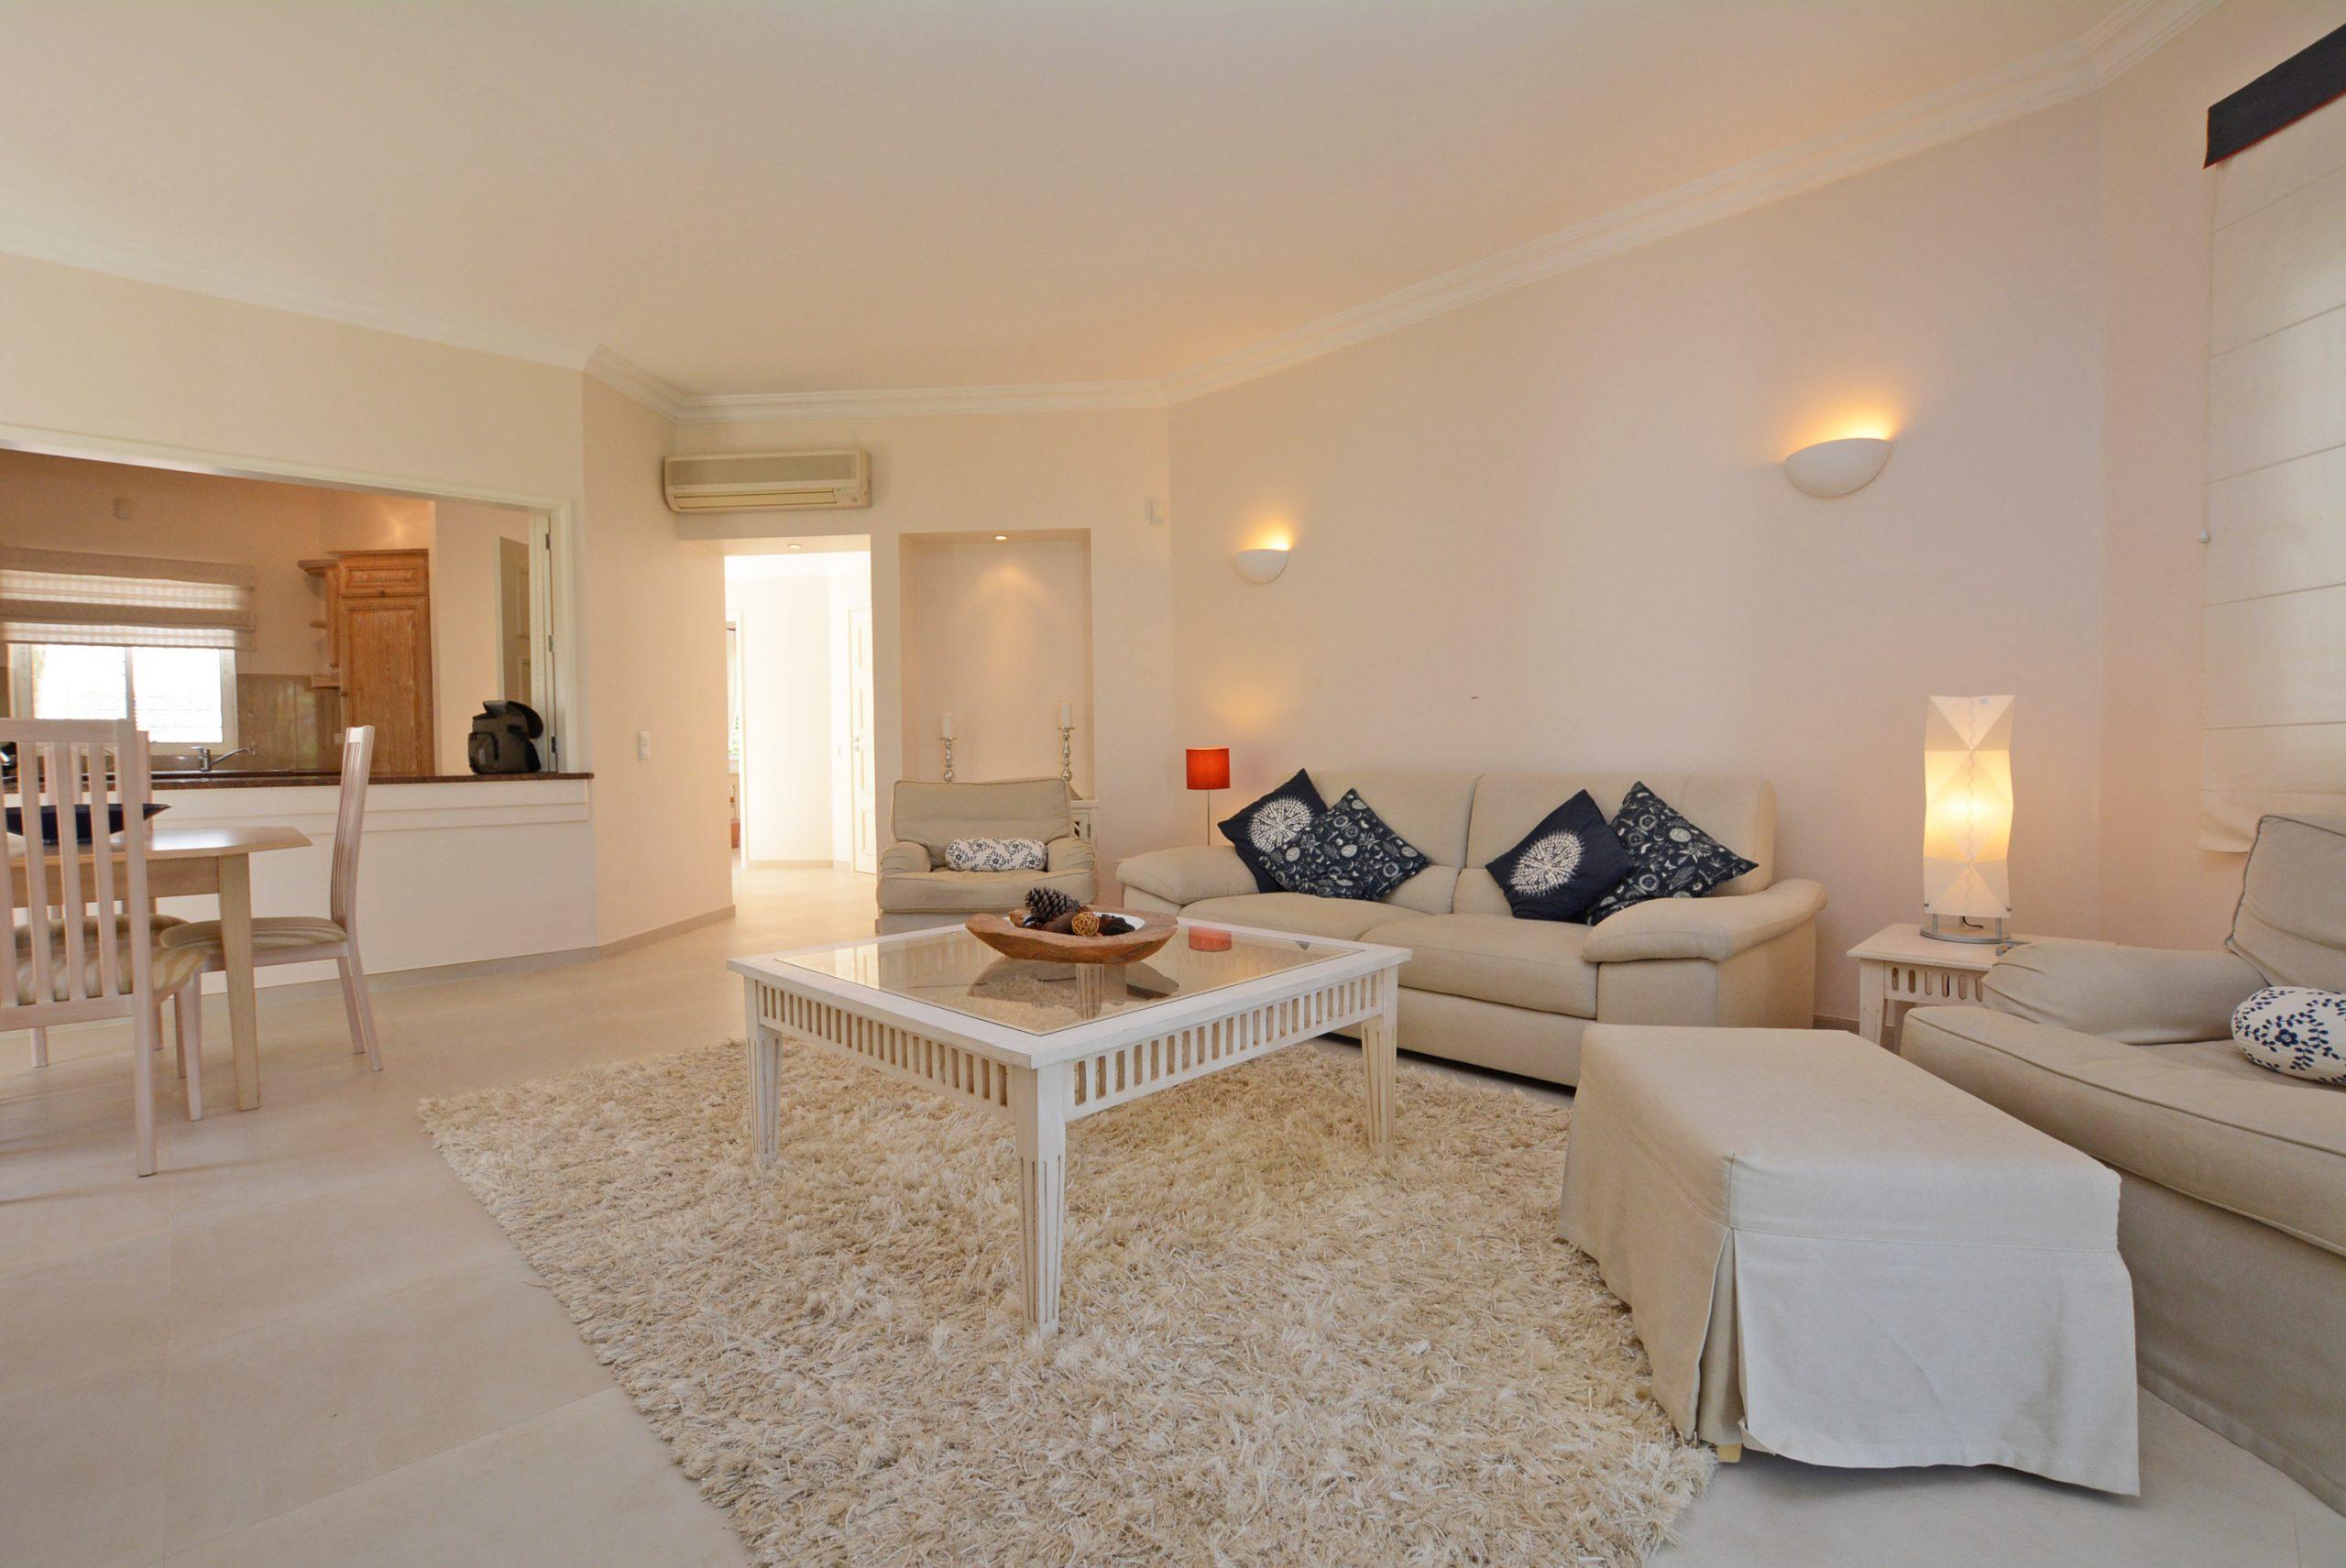 2 Bedroom Apartment for sale in Encosta do Lago, Quinta do Lago (7)